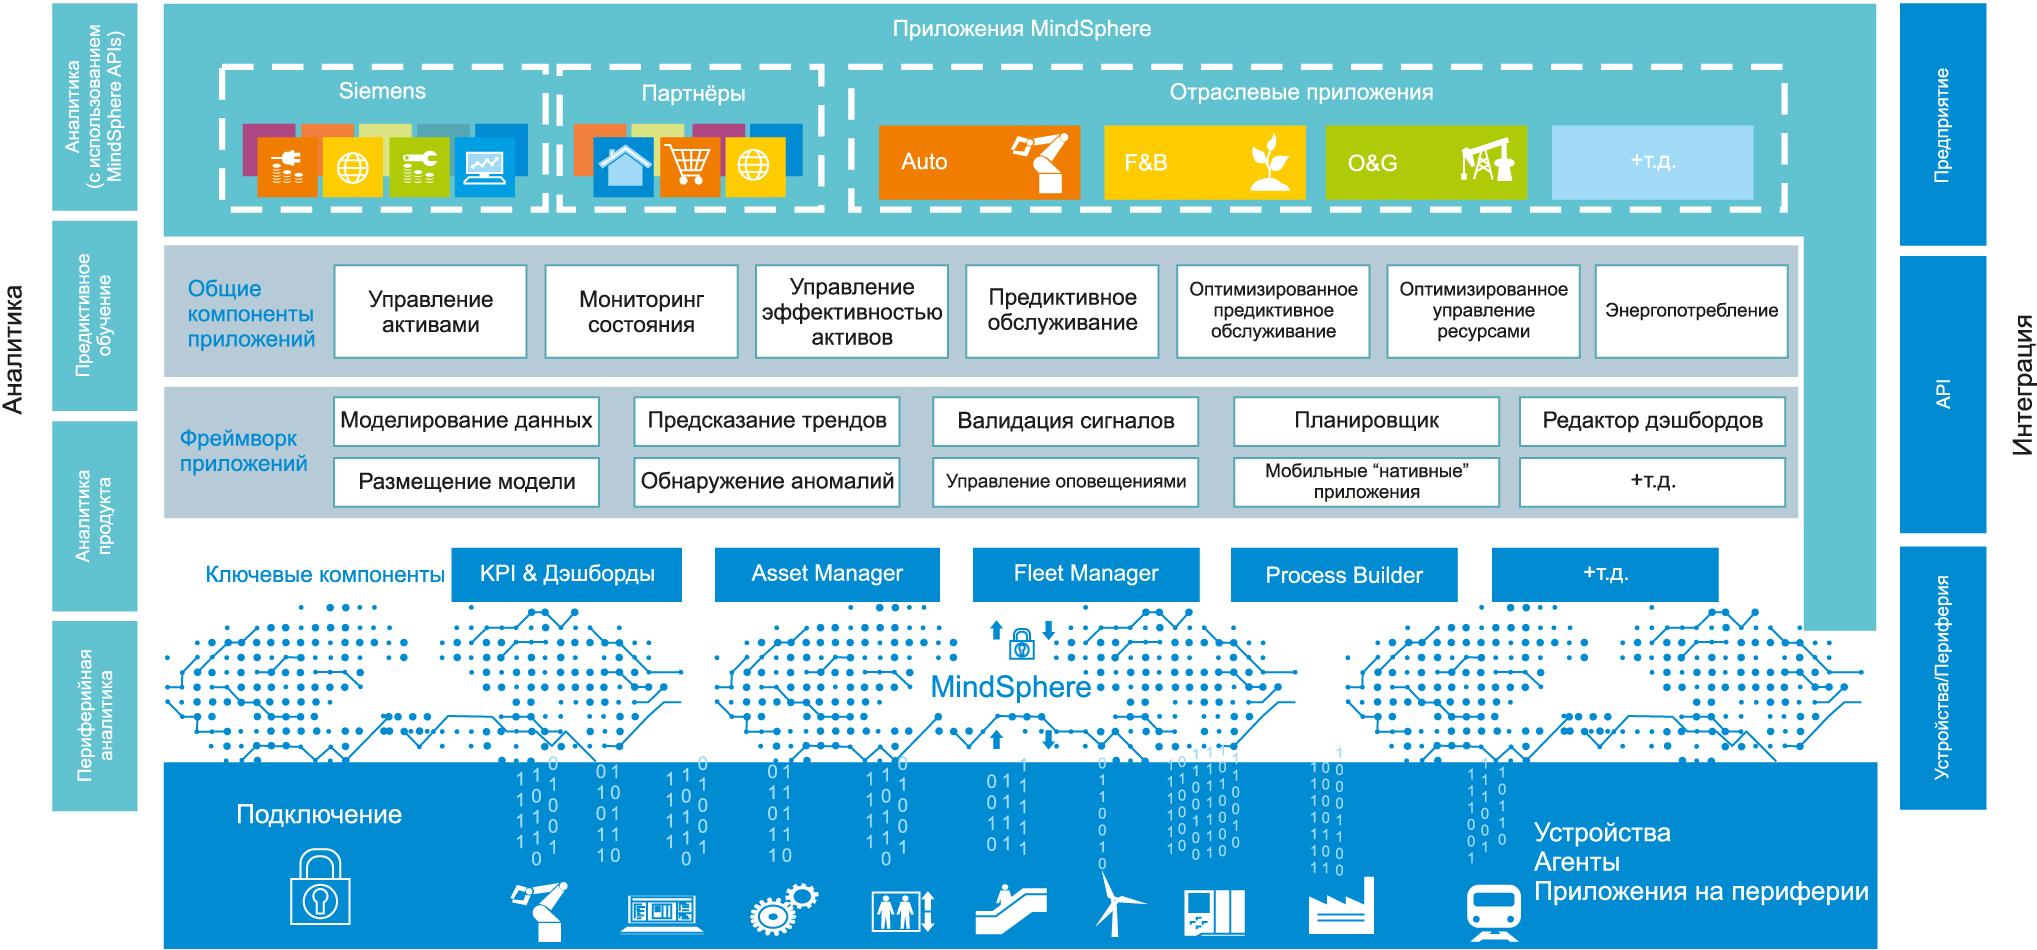 Многоуровневая федеративная архитектура платформы MindSphere